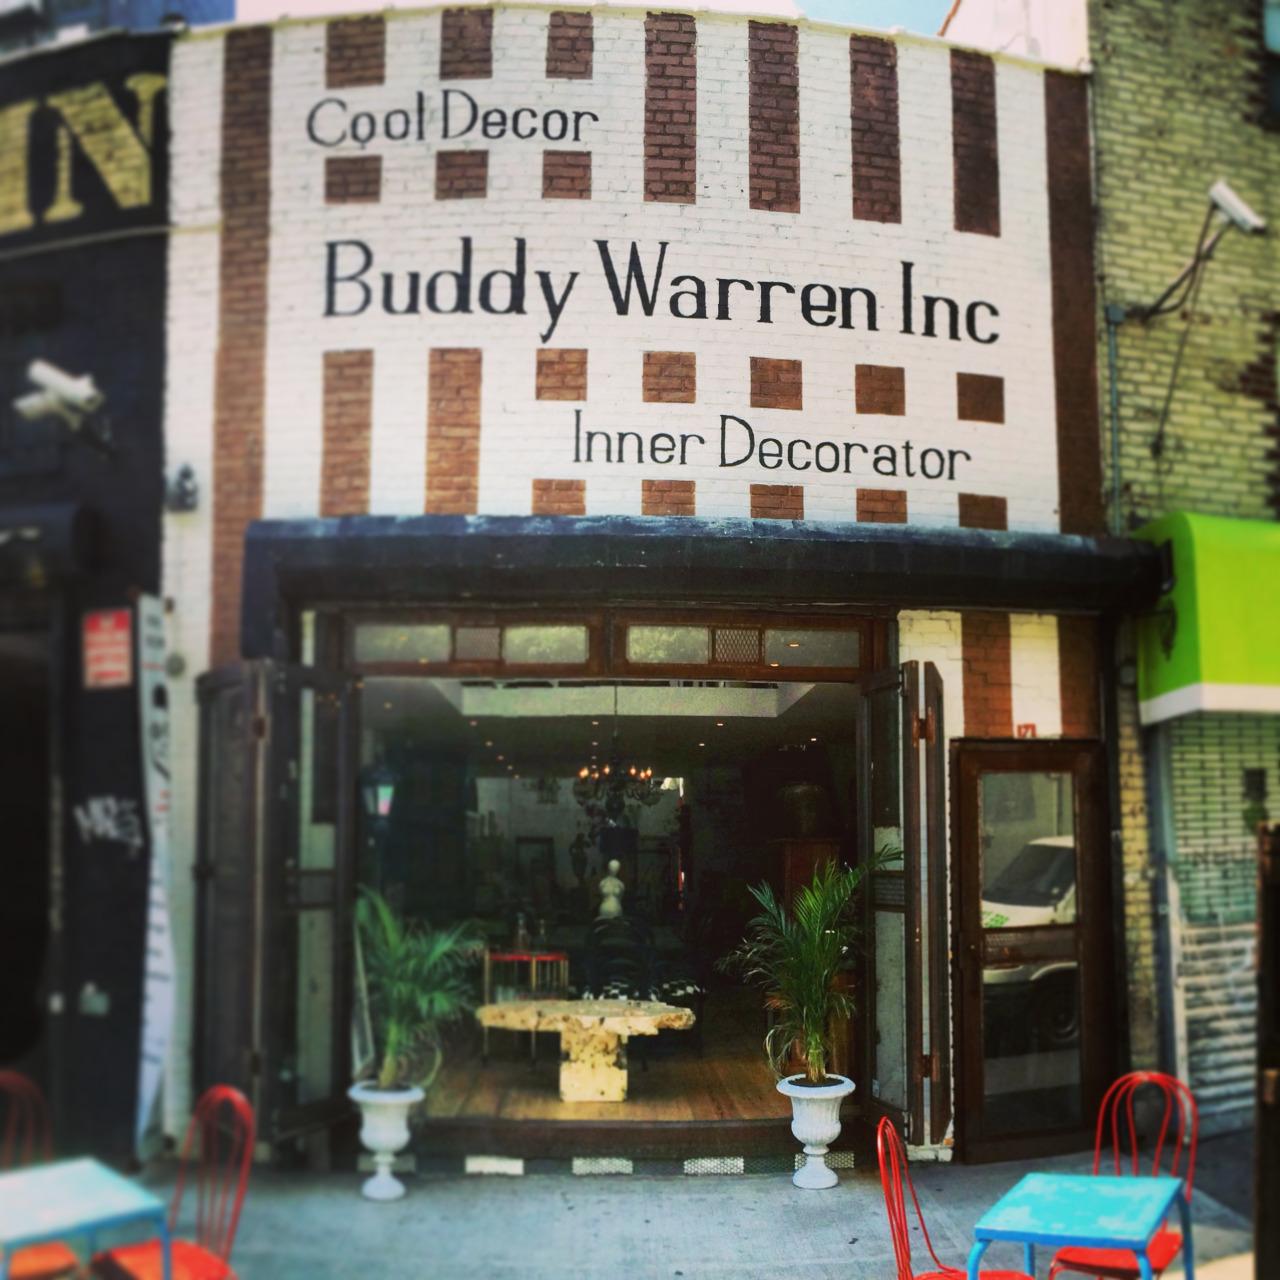 Opening Up Shop Buddy Warren Inc